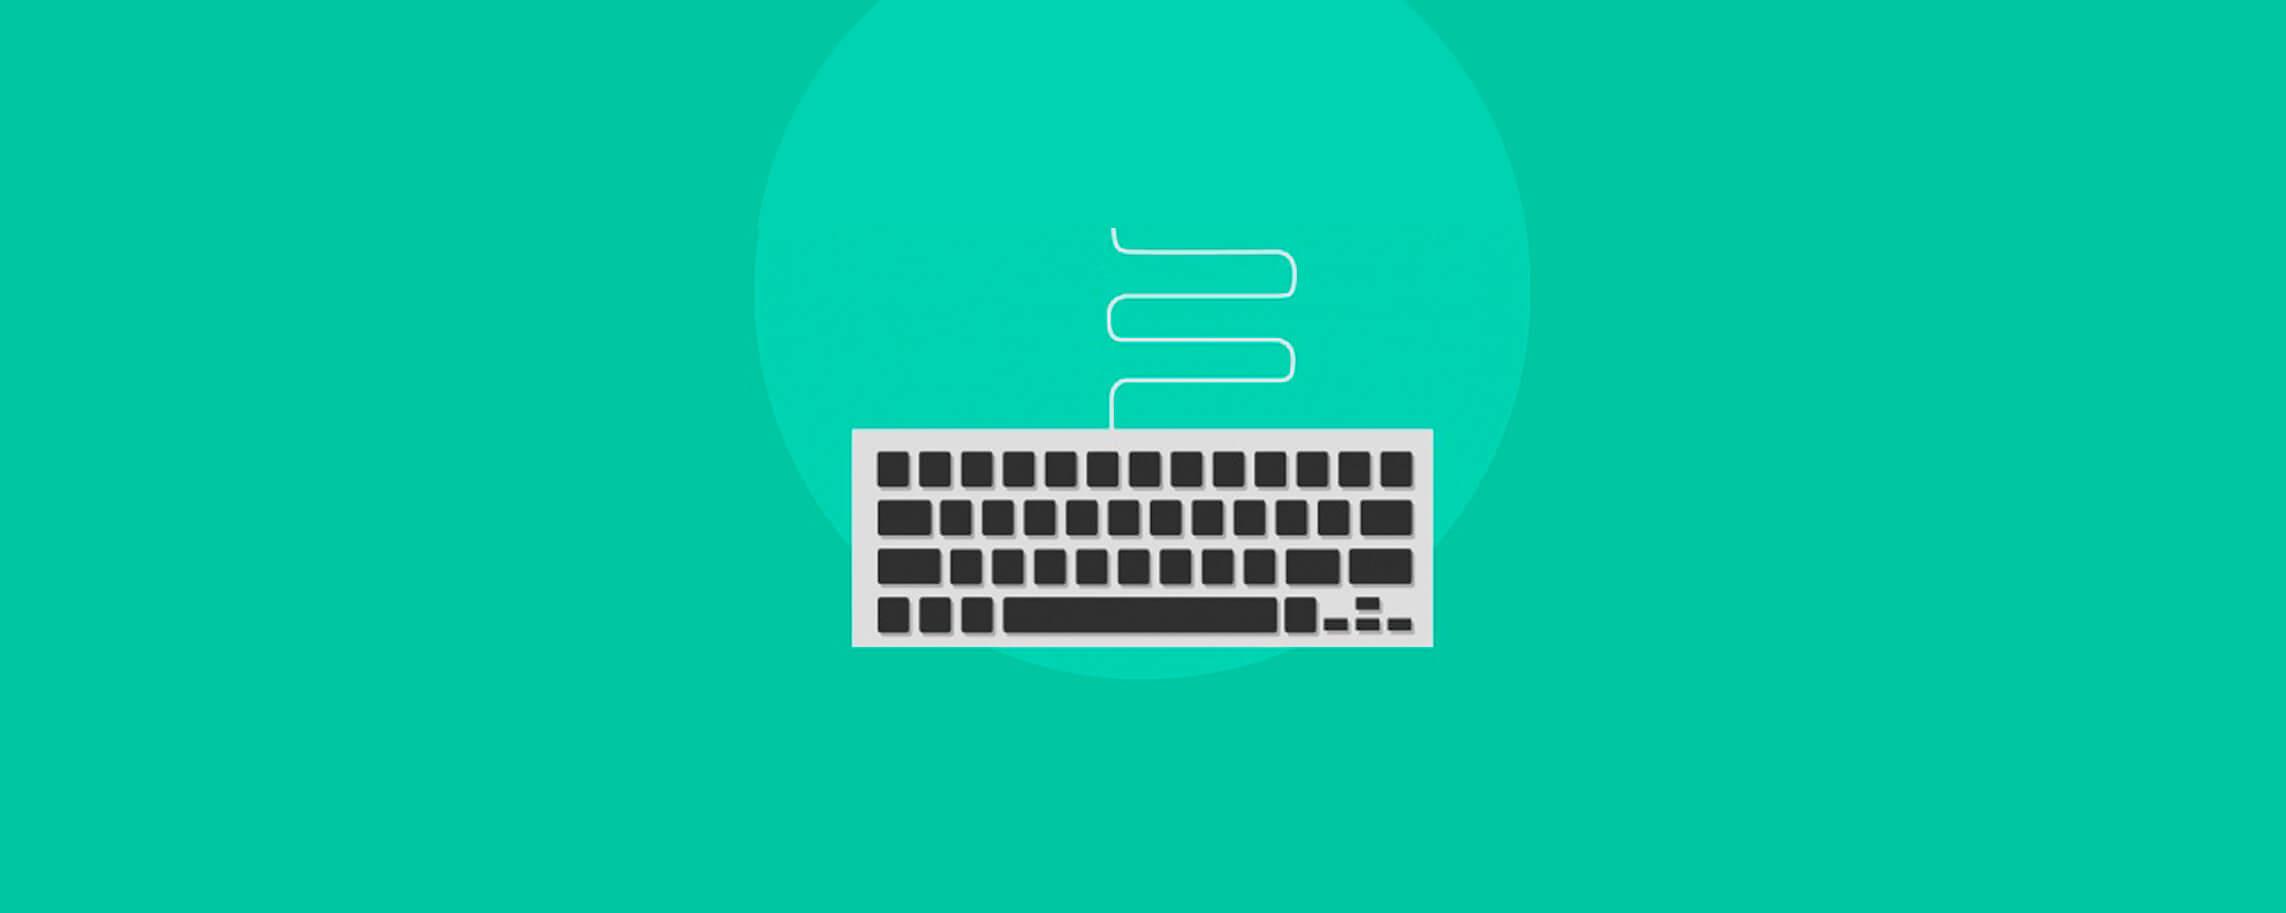 mejor teclado para diseño grafico